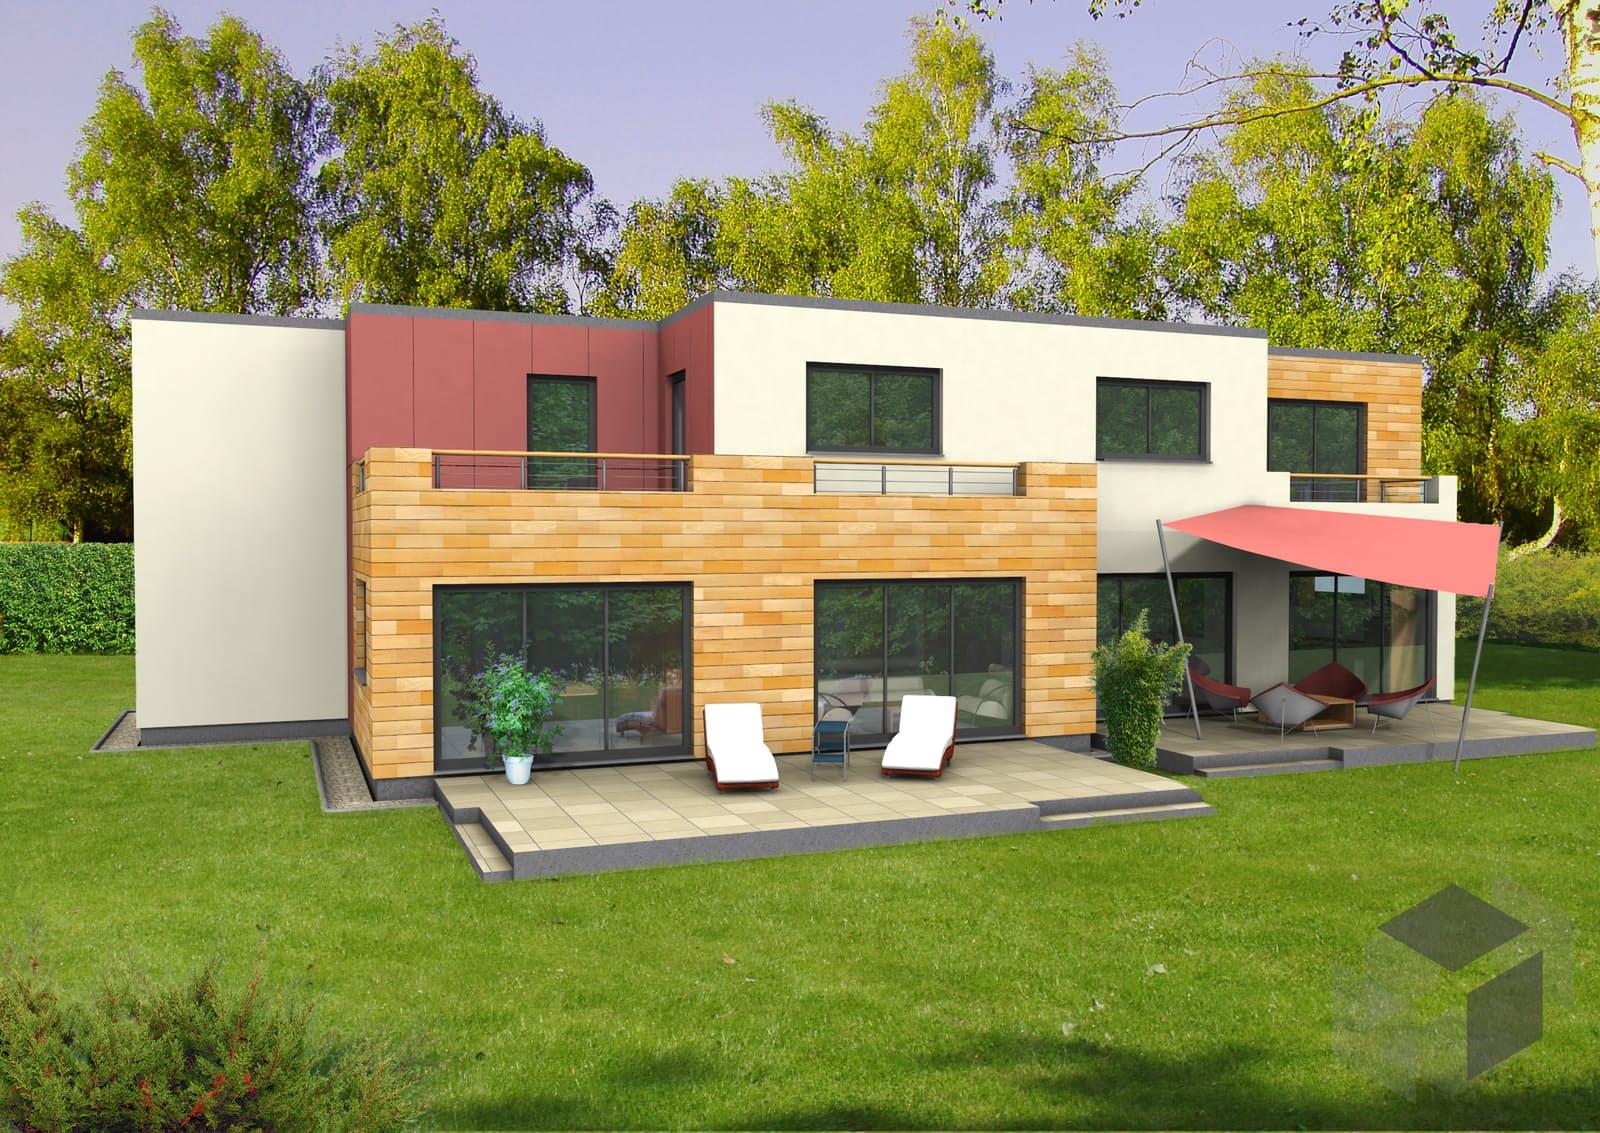 cube 260 von solid haus komplette daten bersicht. Black Bedroom Furniture Sets. Home Design Ideas